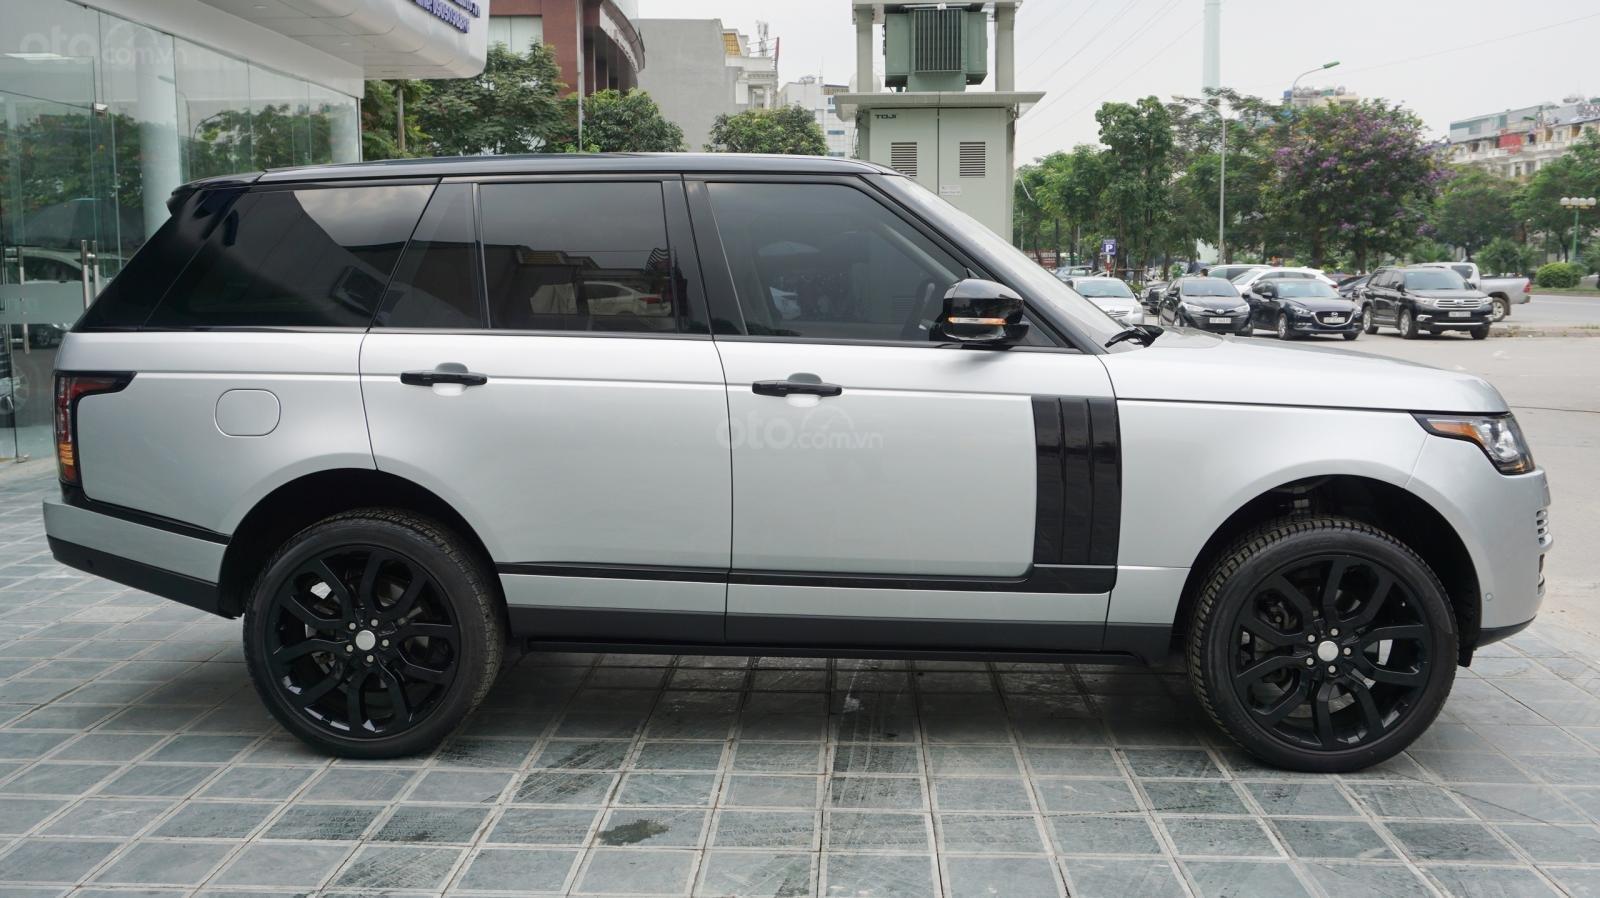 Bán LandRover Range Rover HSE đời 2015, màu bạc, nhập khẩu Mỹ. LH 0982.84.2838-5